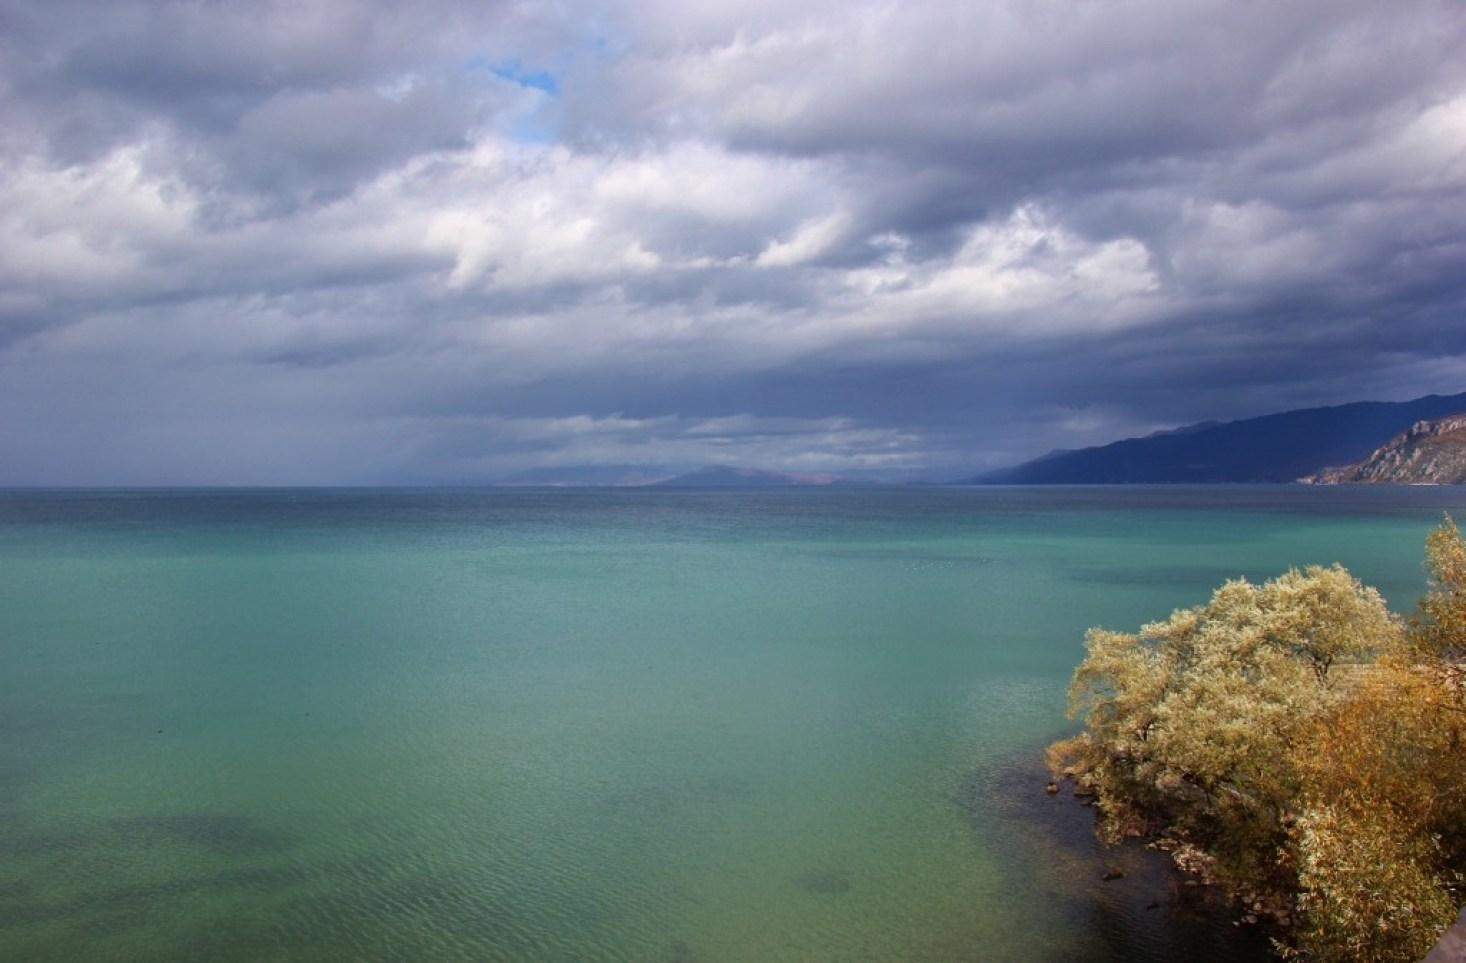 View of Lake Ohrid, Macedonia from St. Naum Monastery